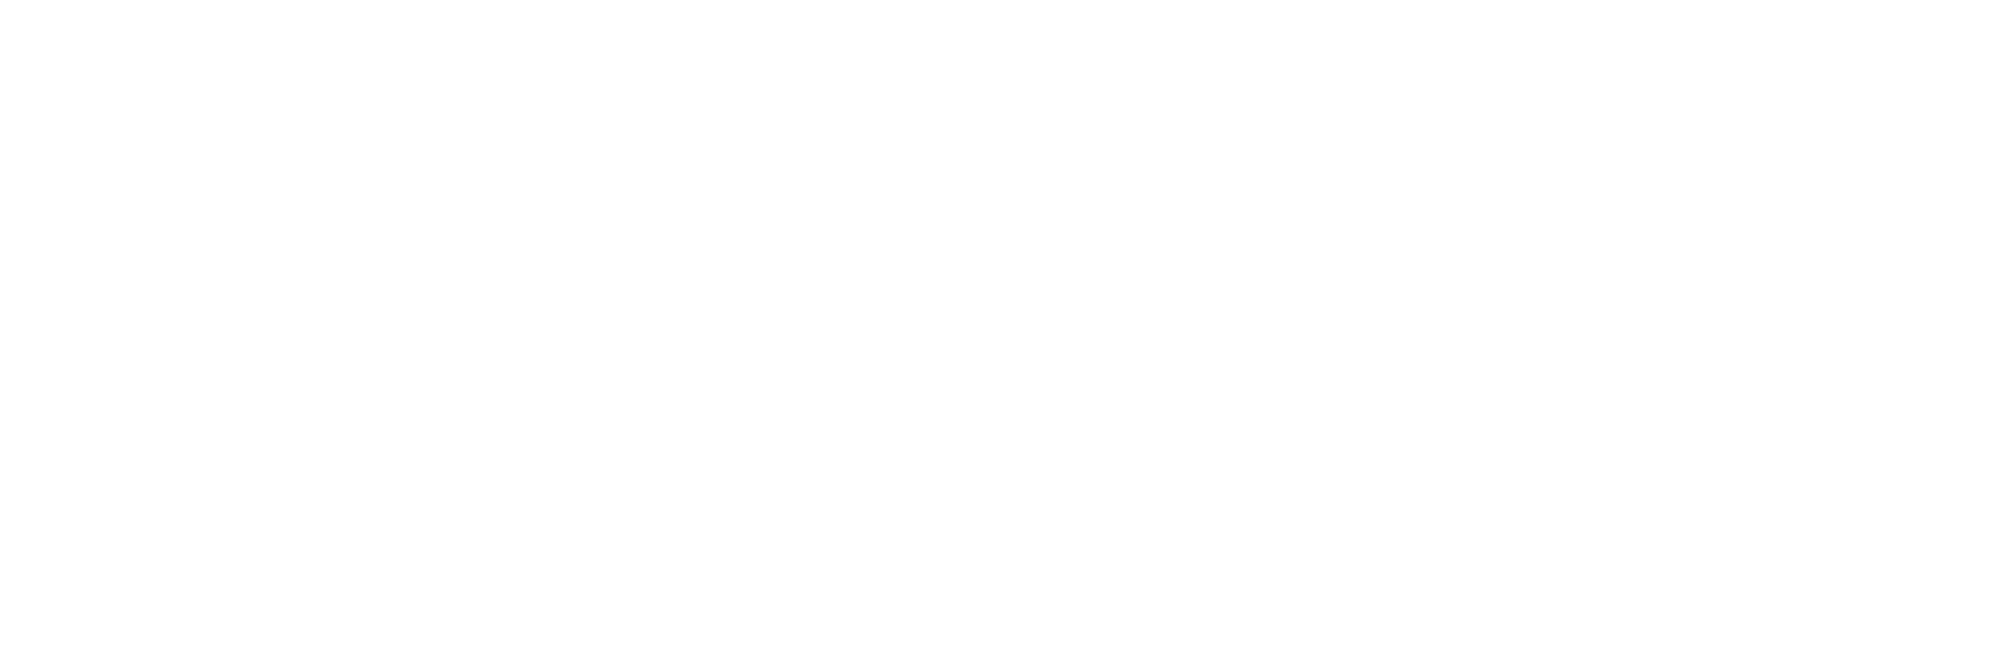 320c&m